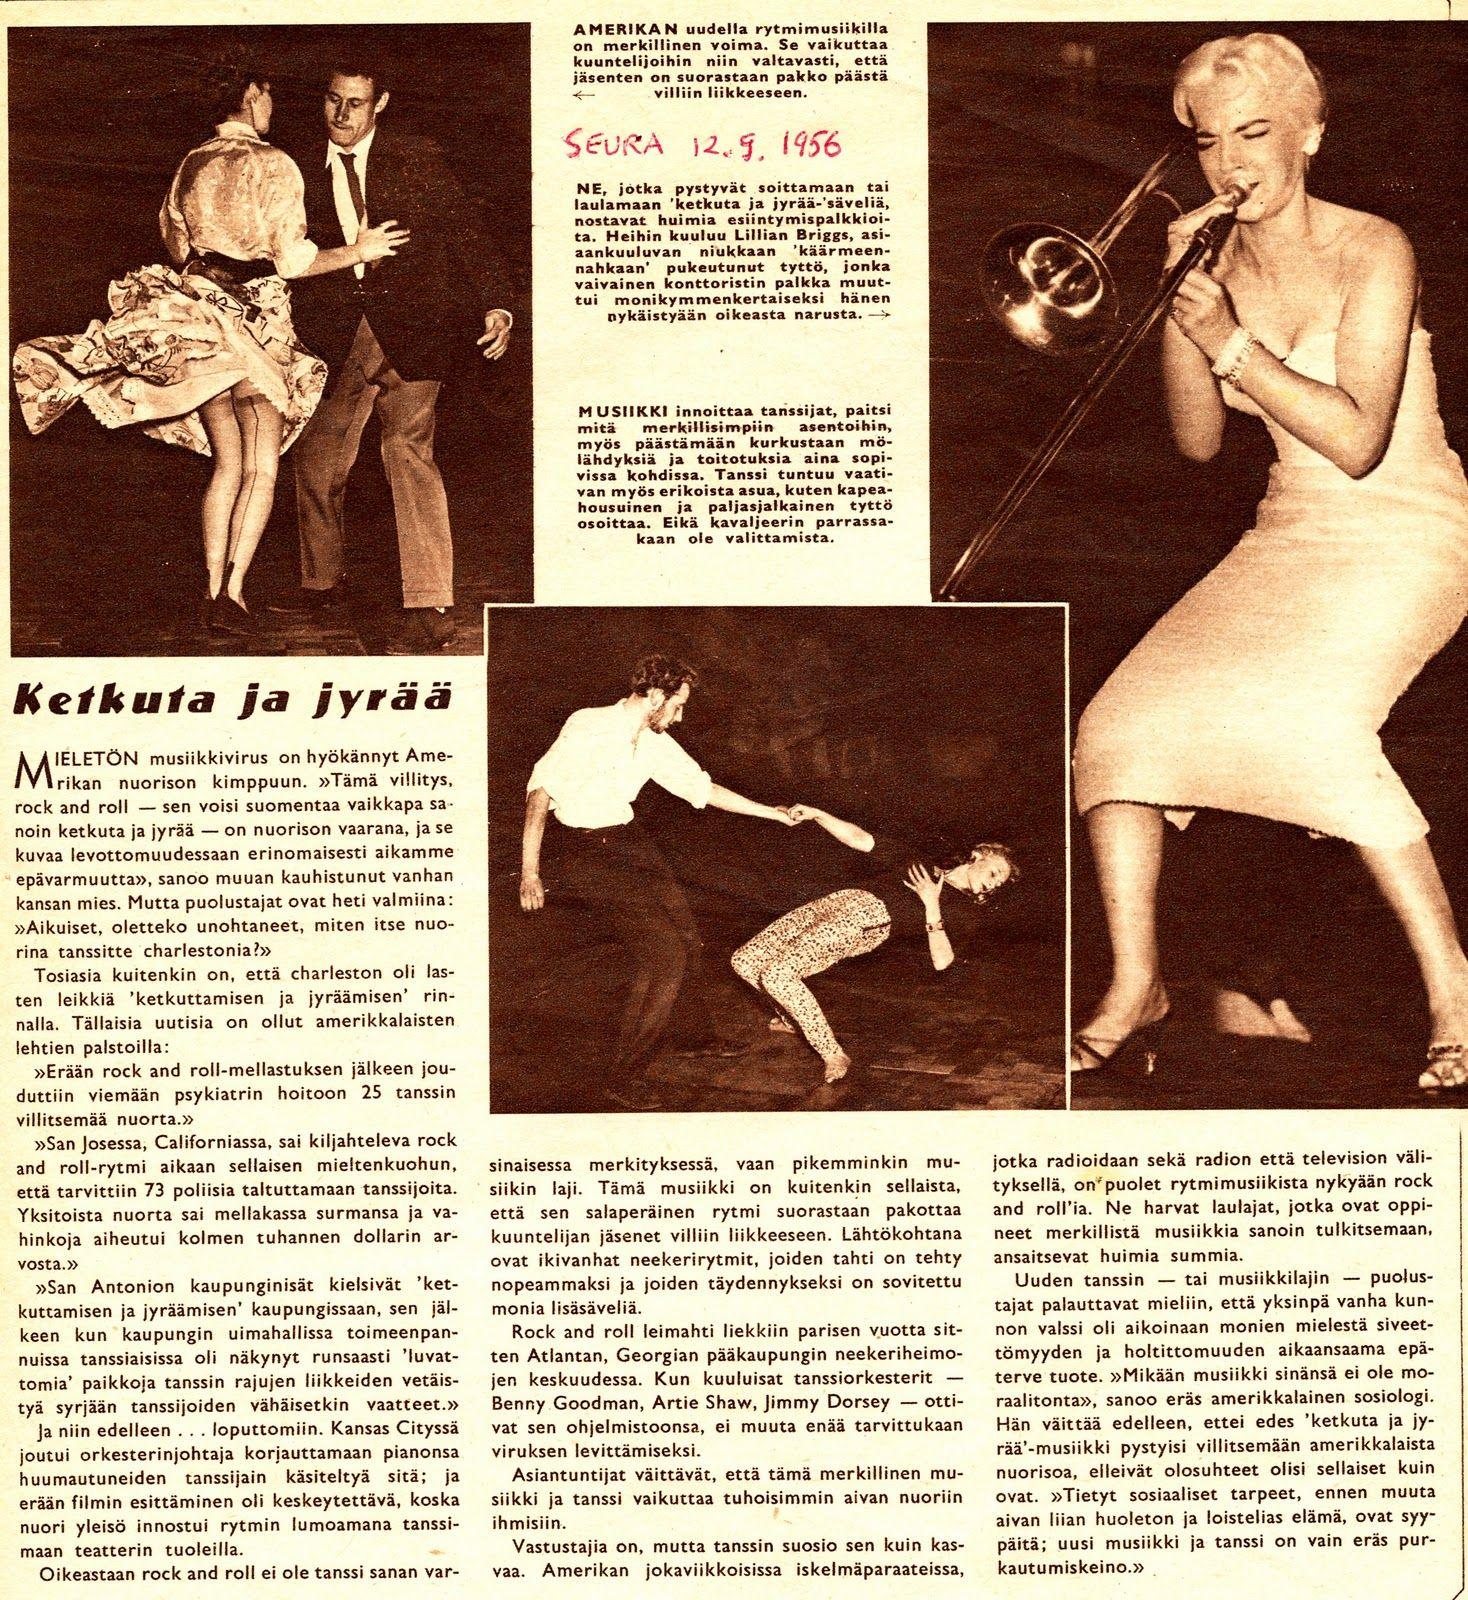 Ketkuta ja jyrää - (Seura) 1956